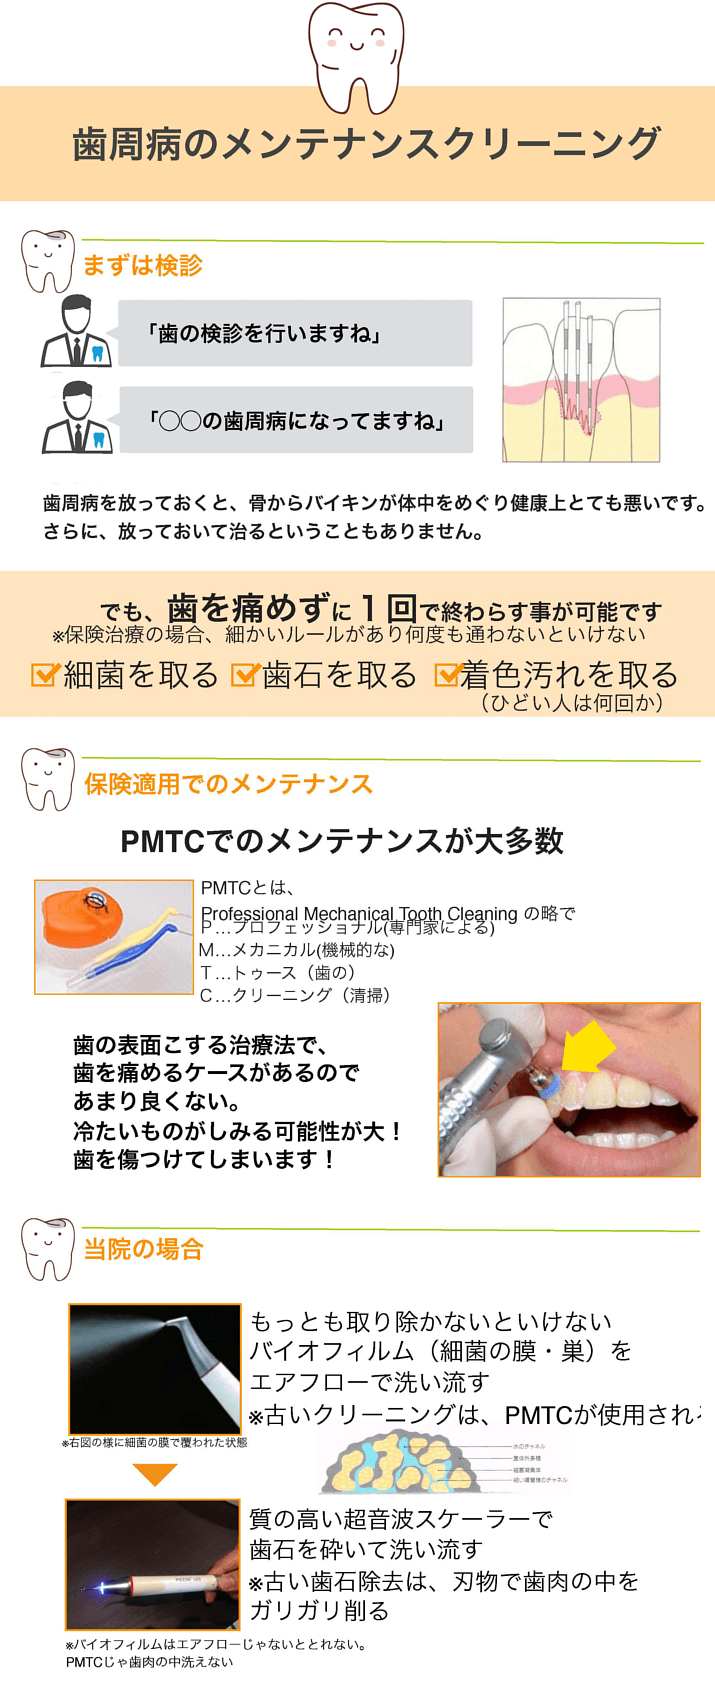 歯周病のメンテナンスクリーニング1